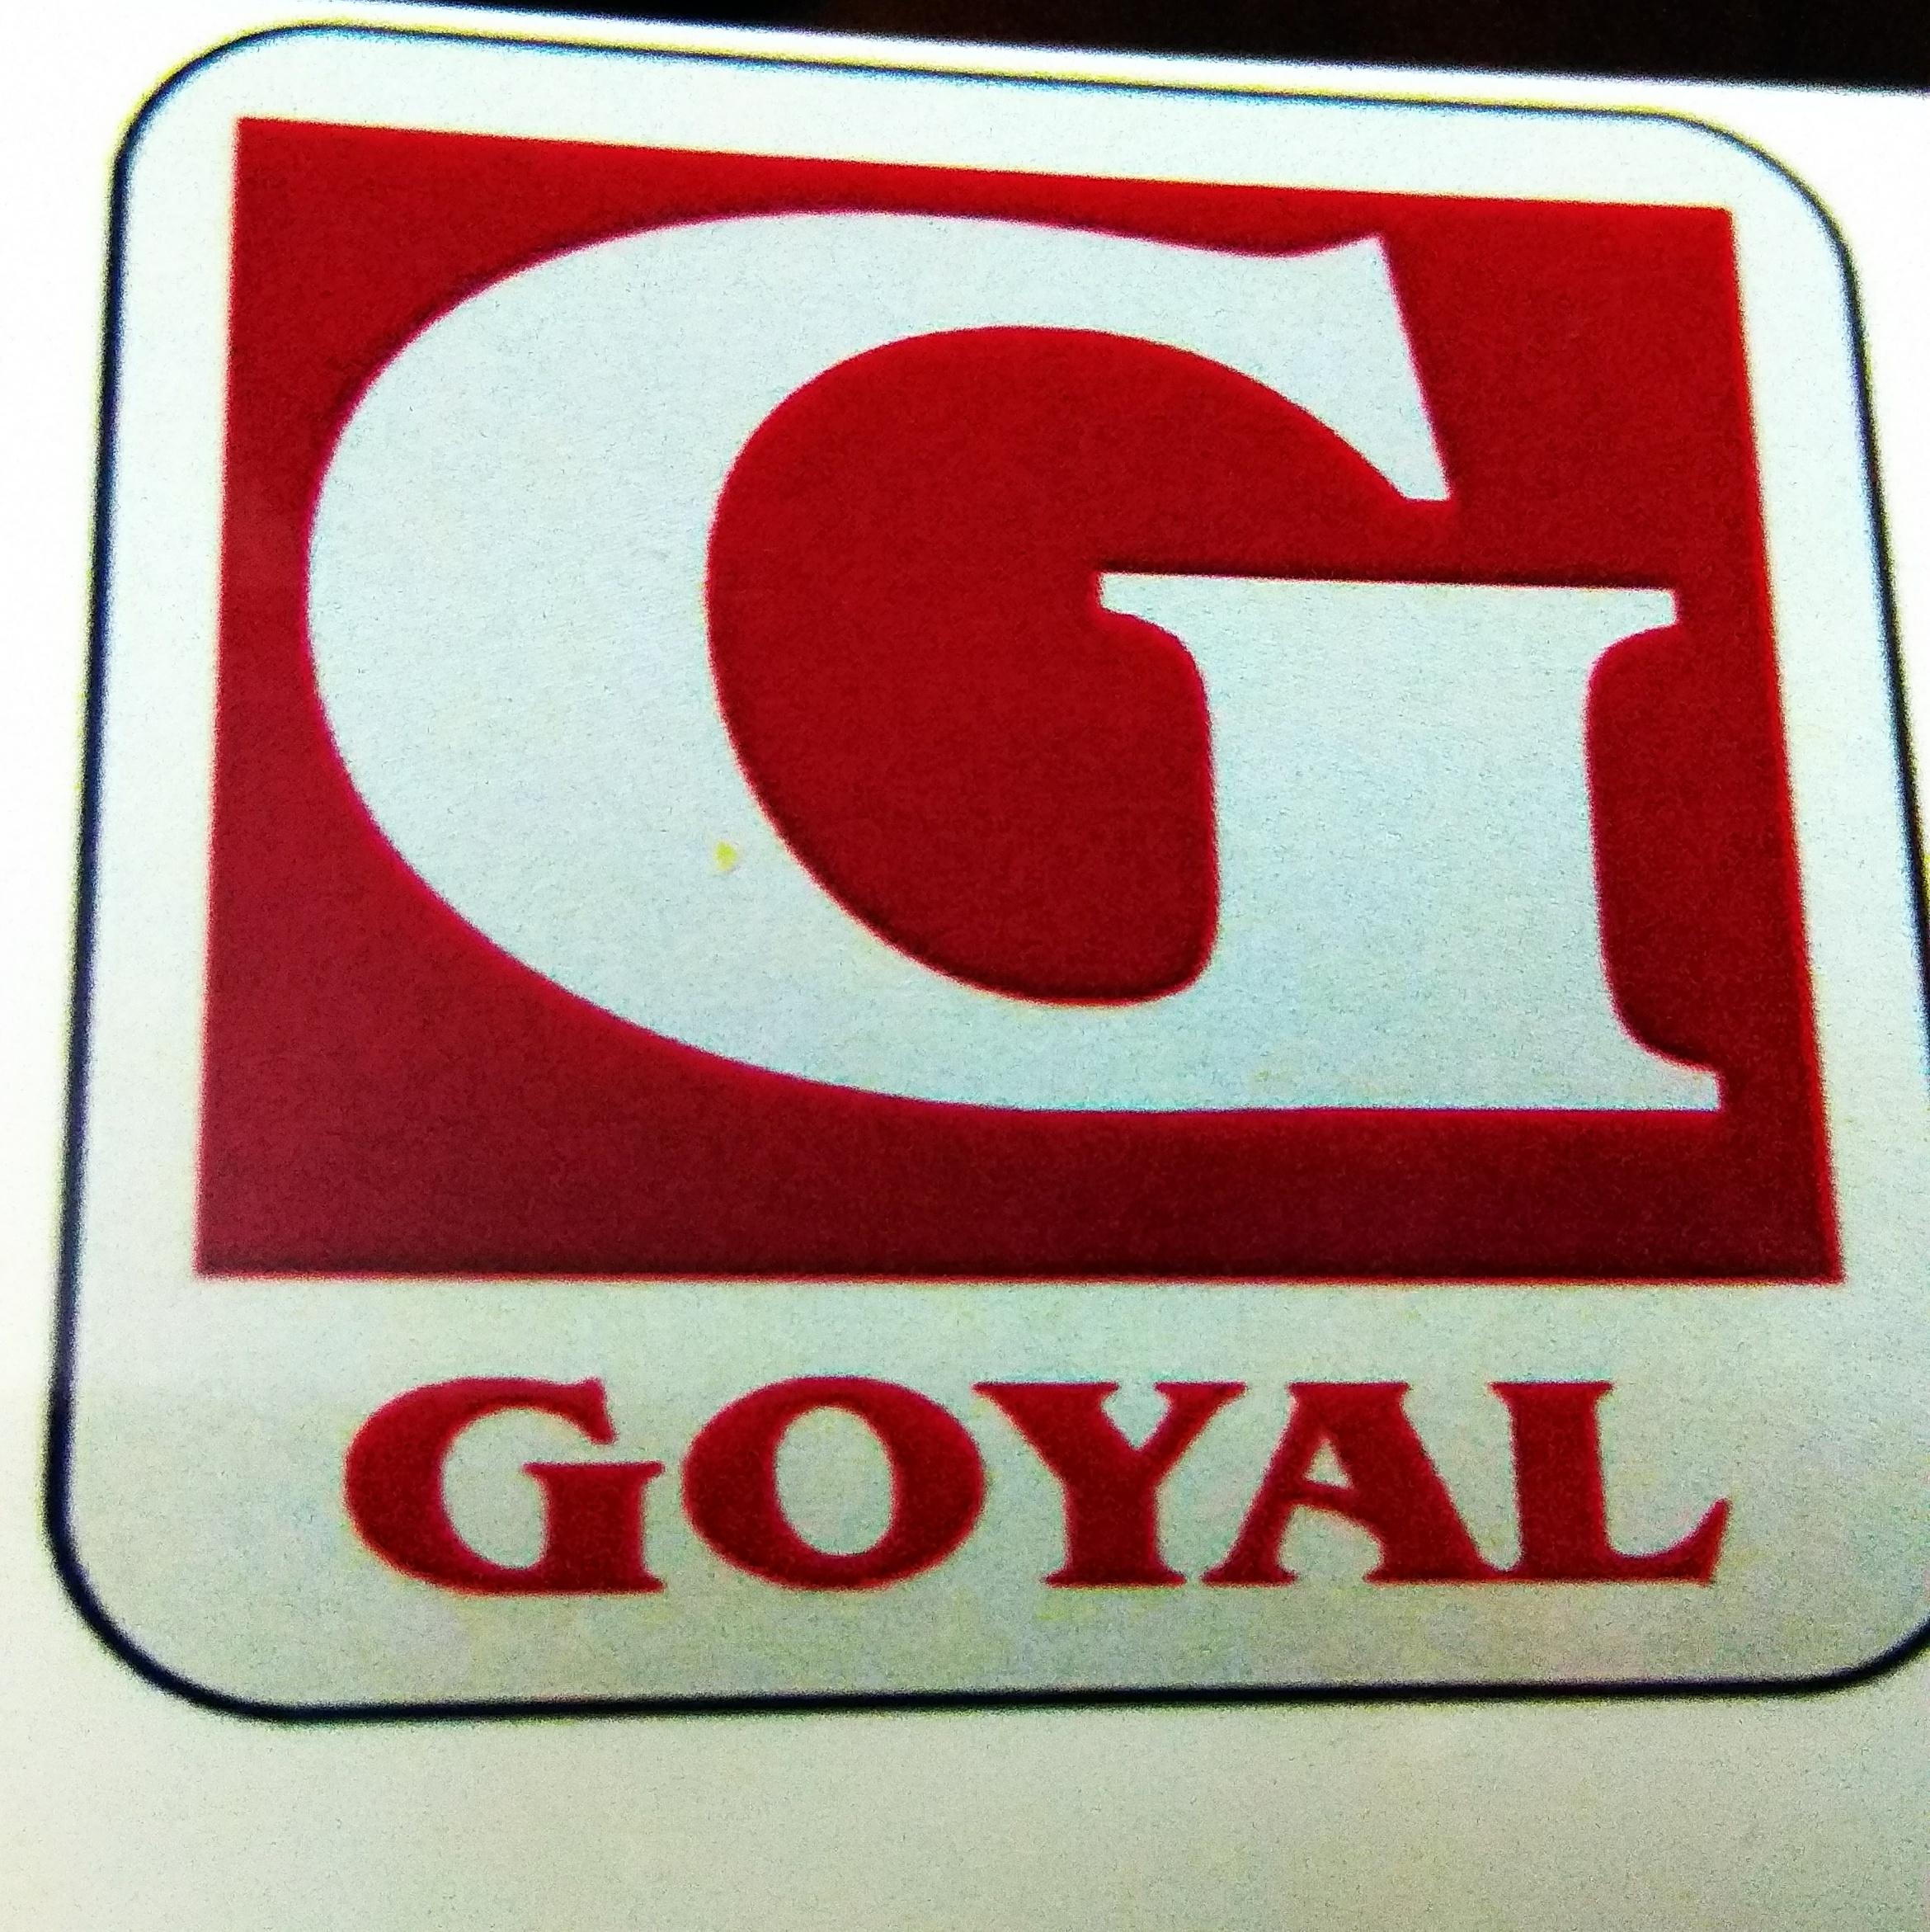 Goyal Coolers